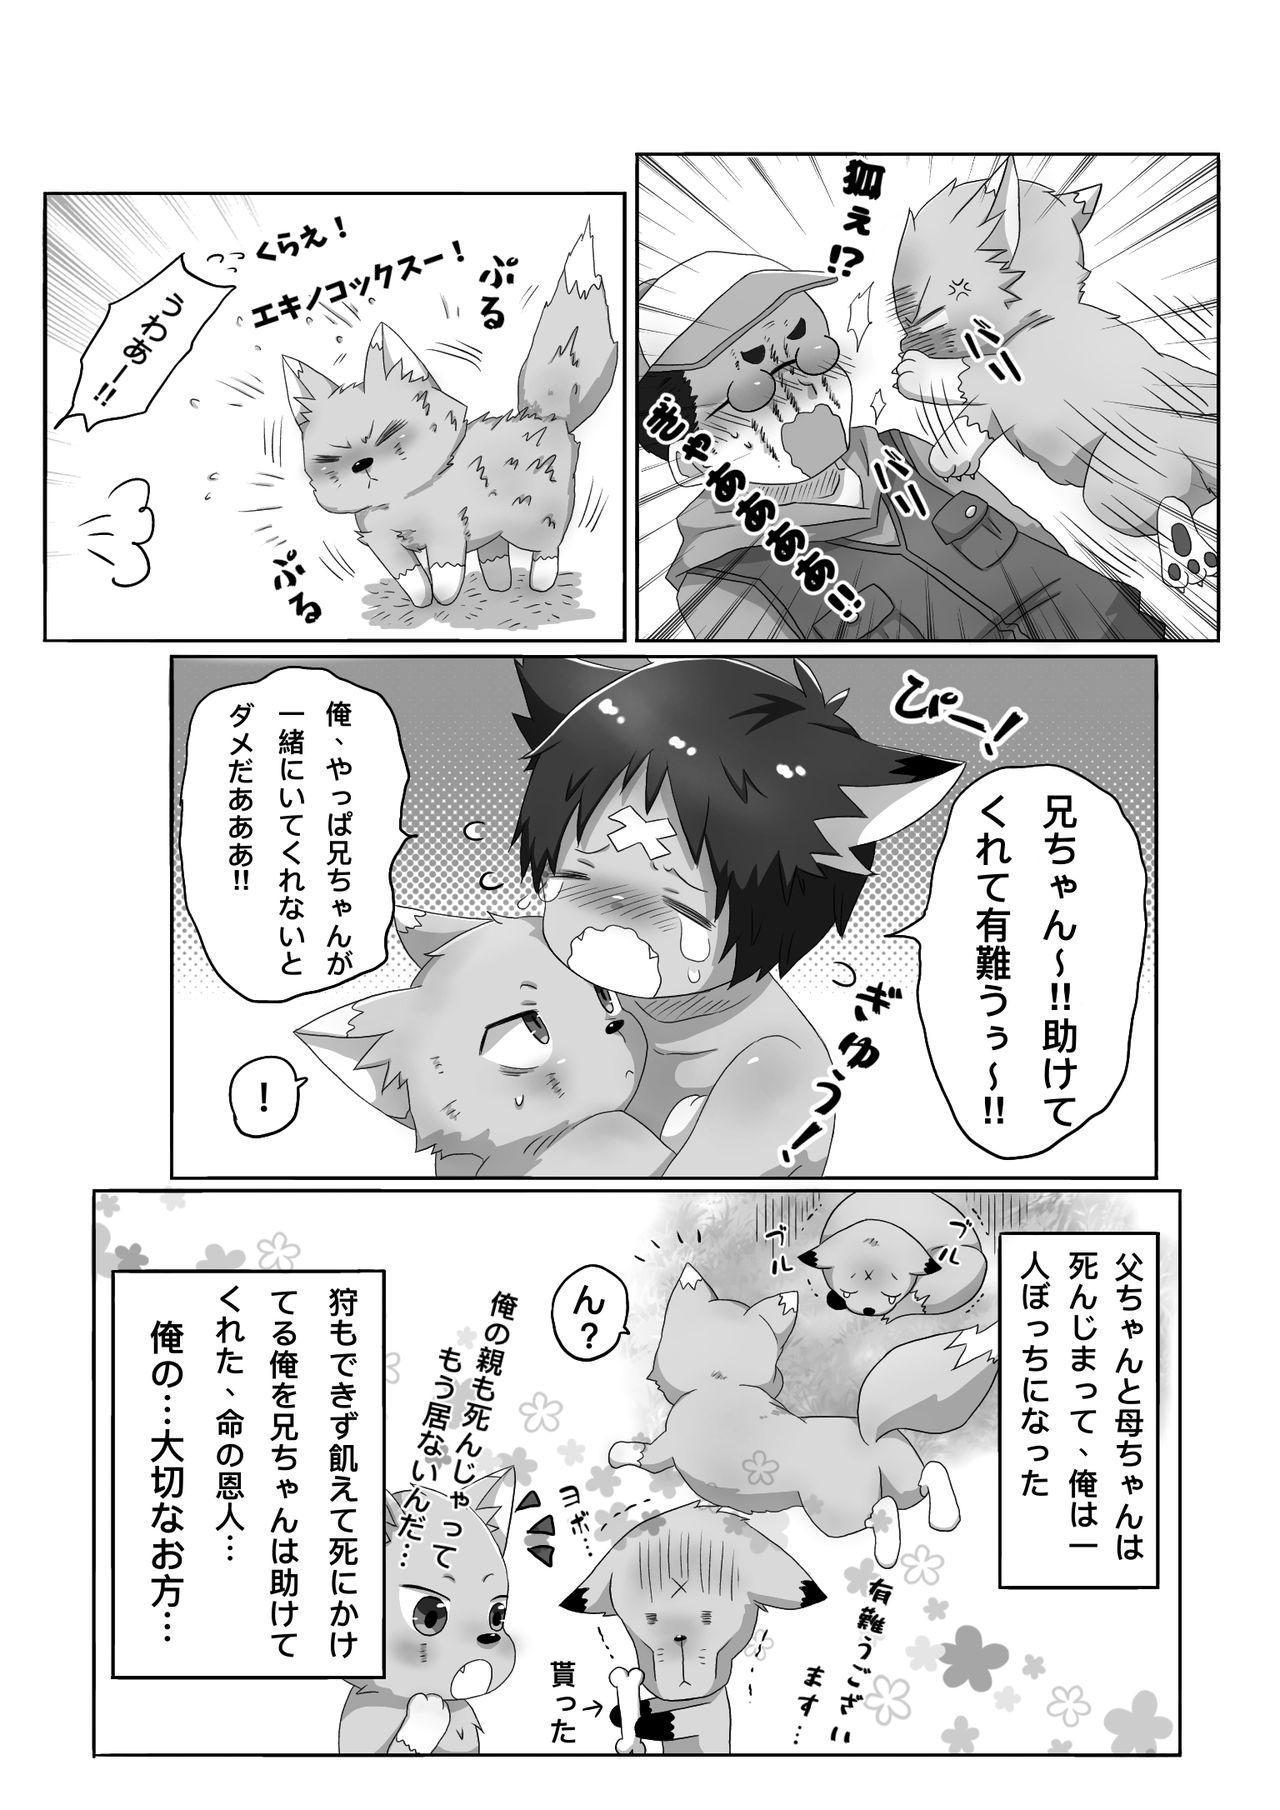 ゴロタ - 狐男児の話 6